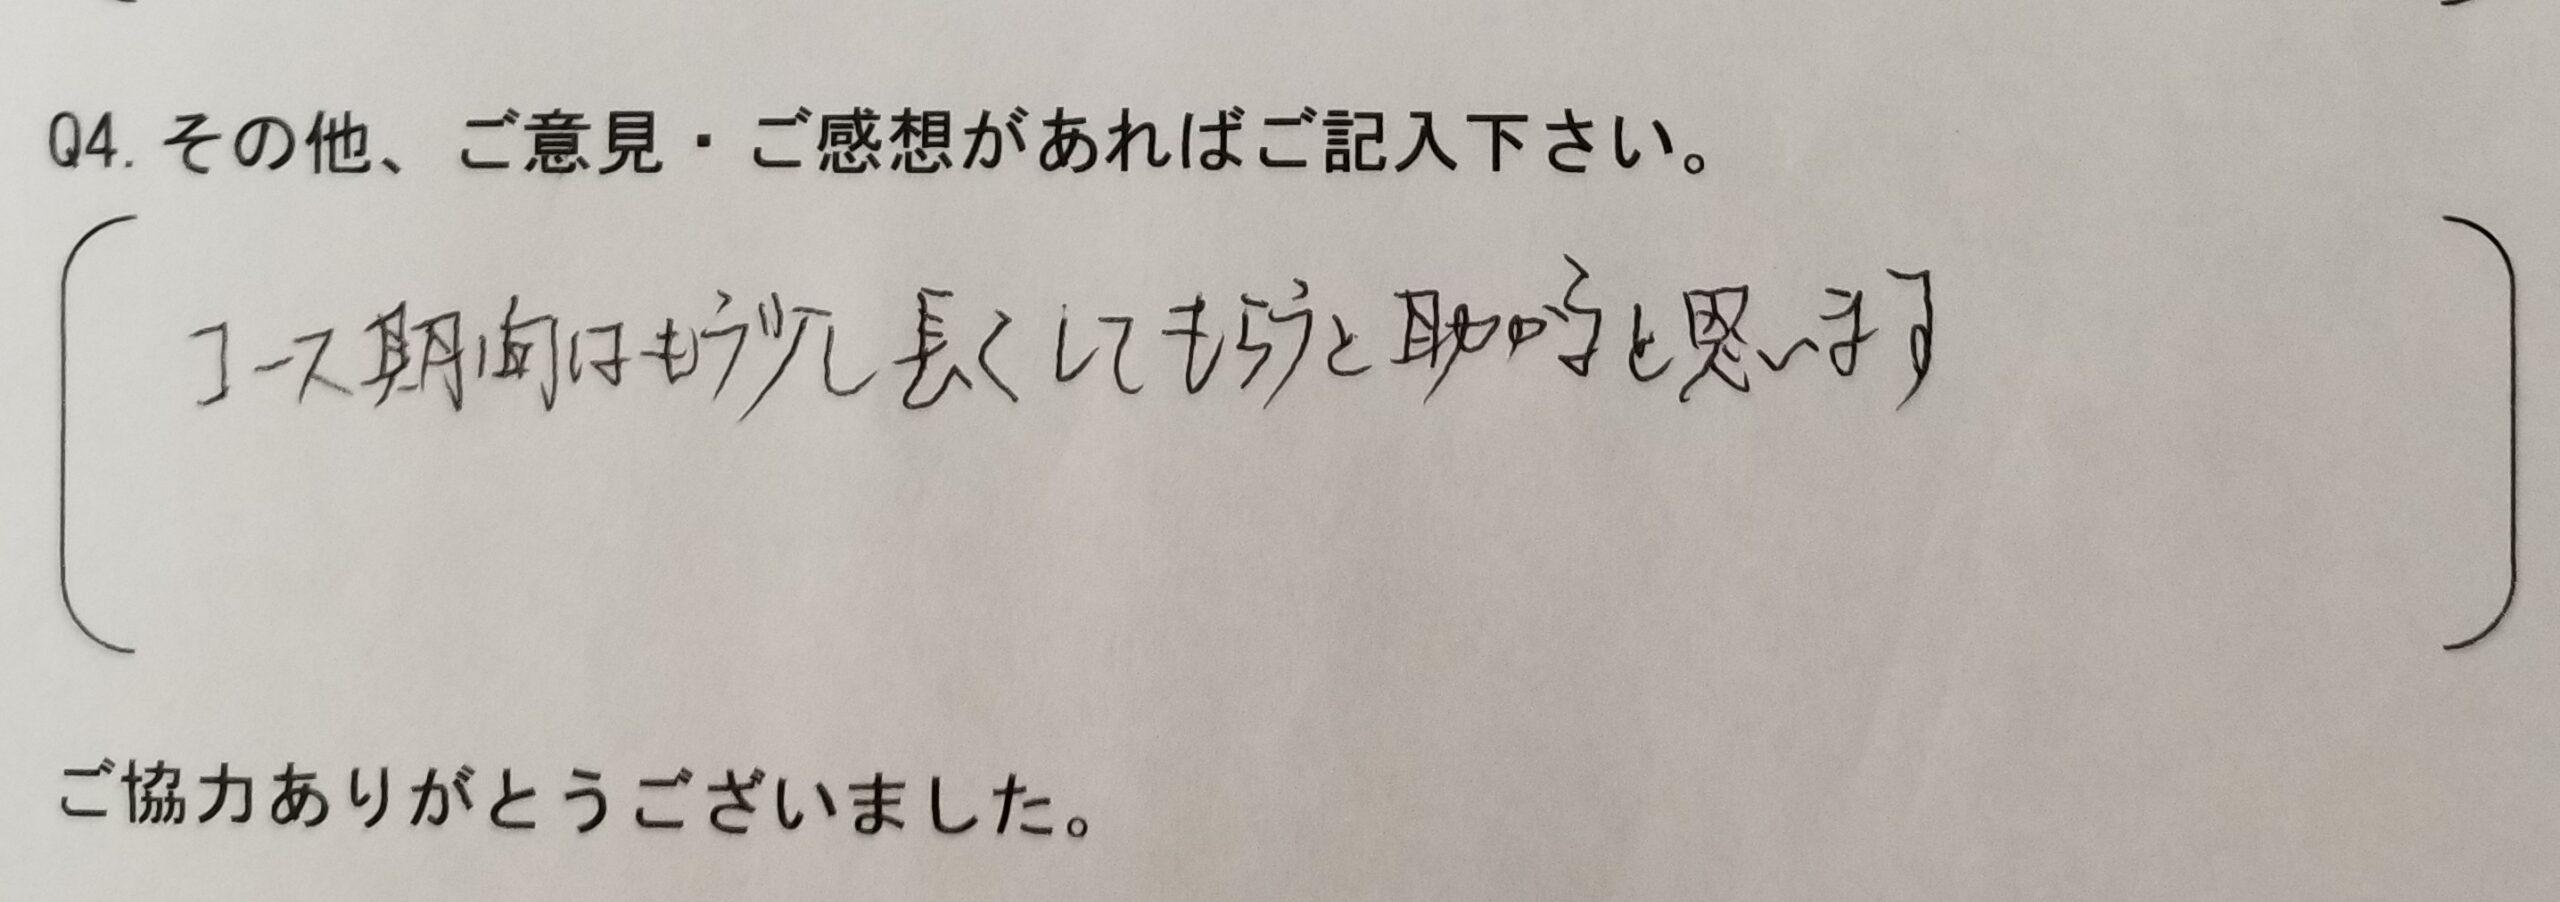 50代男性「リアルタイム発毛」アンケート4